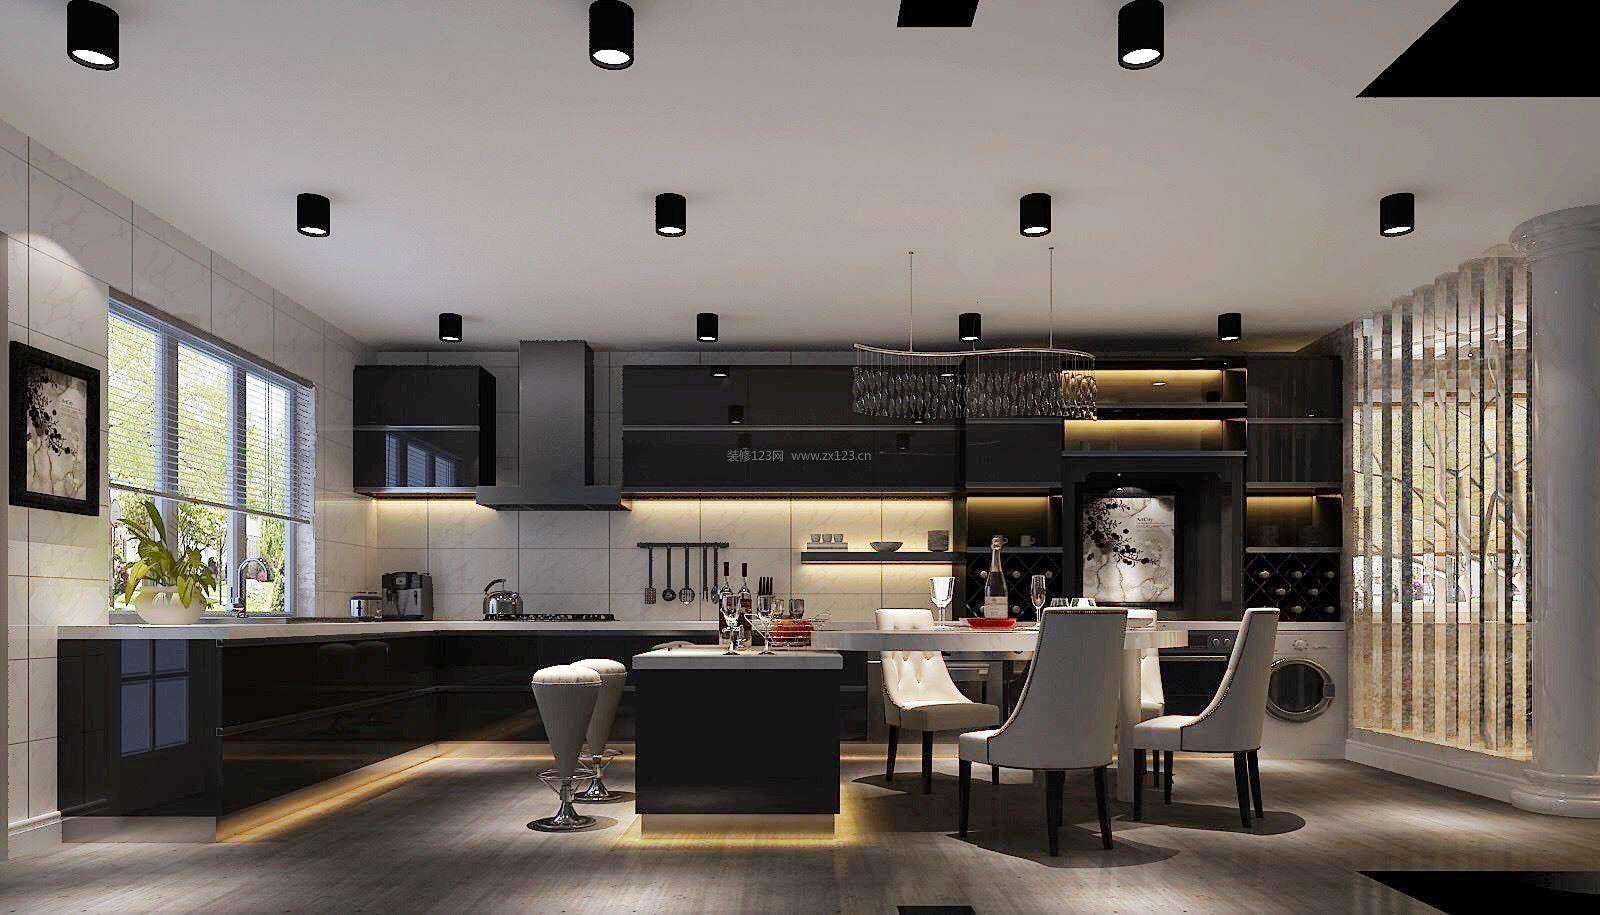 房子后现代风格开放式厨房装修效果图片